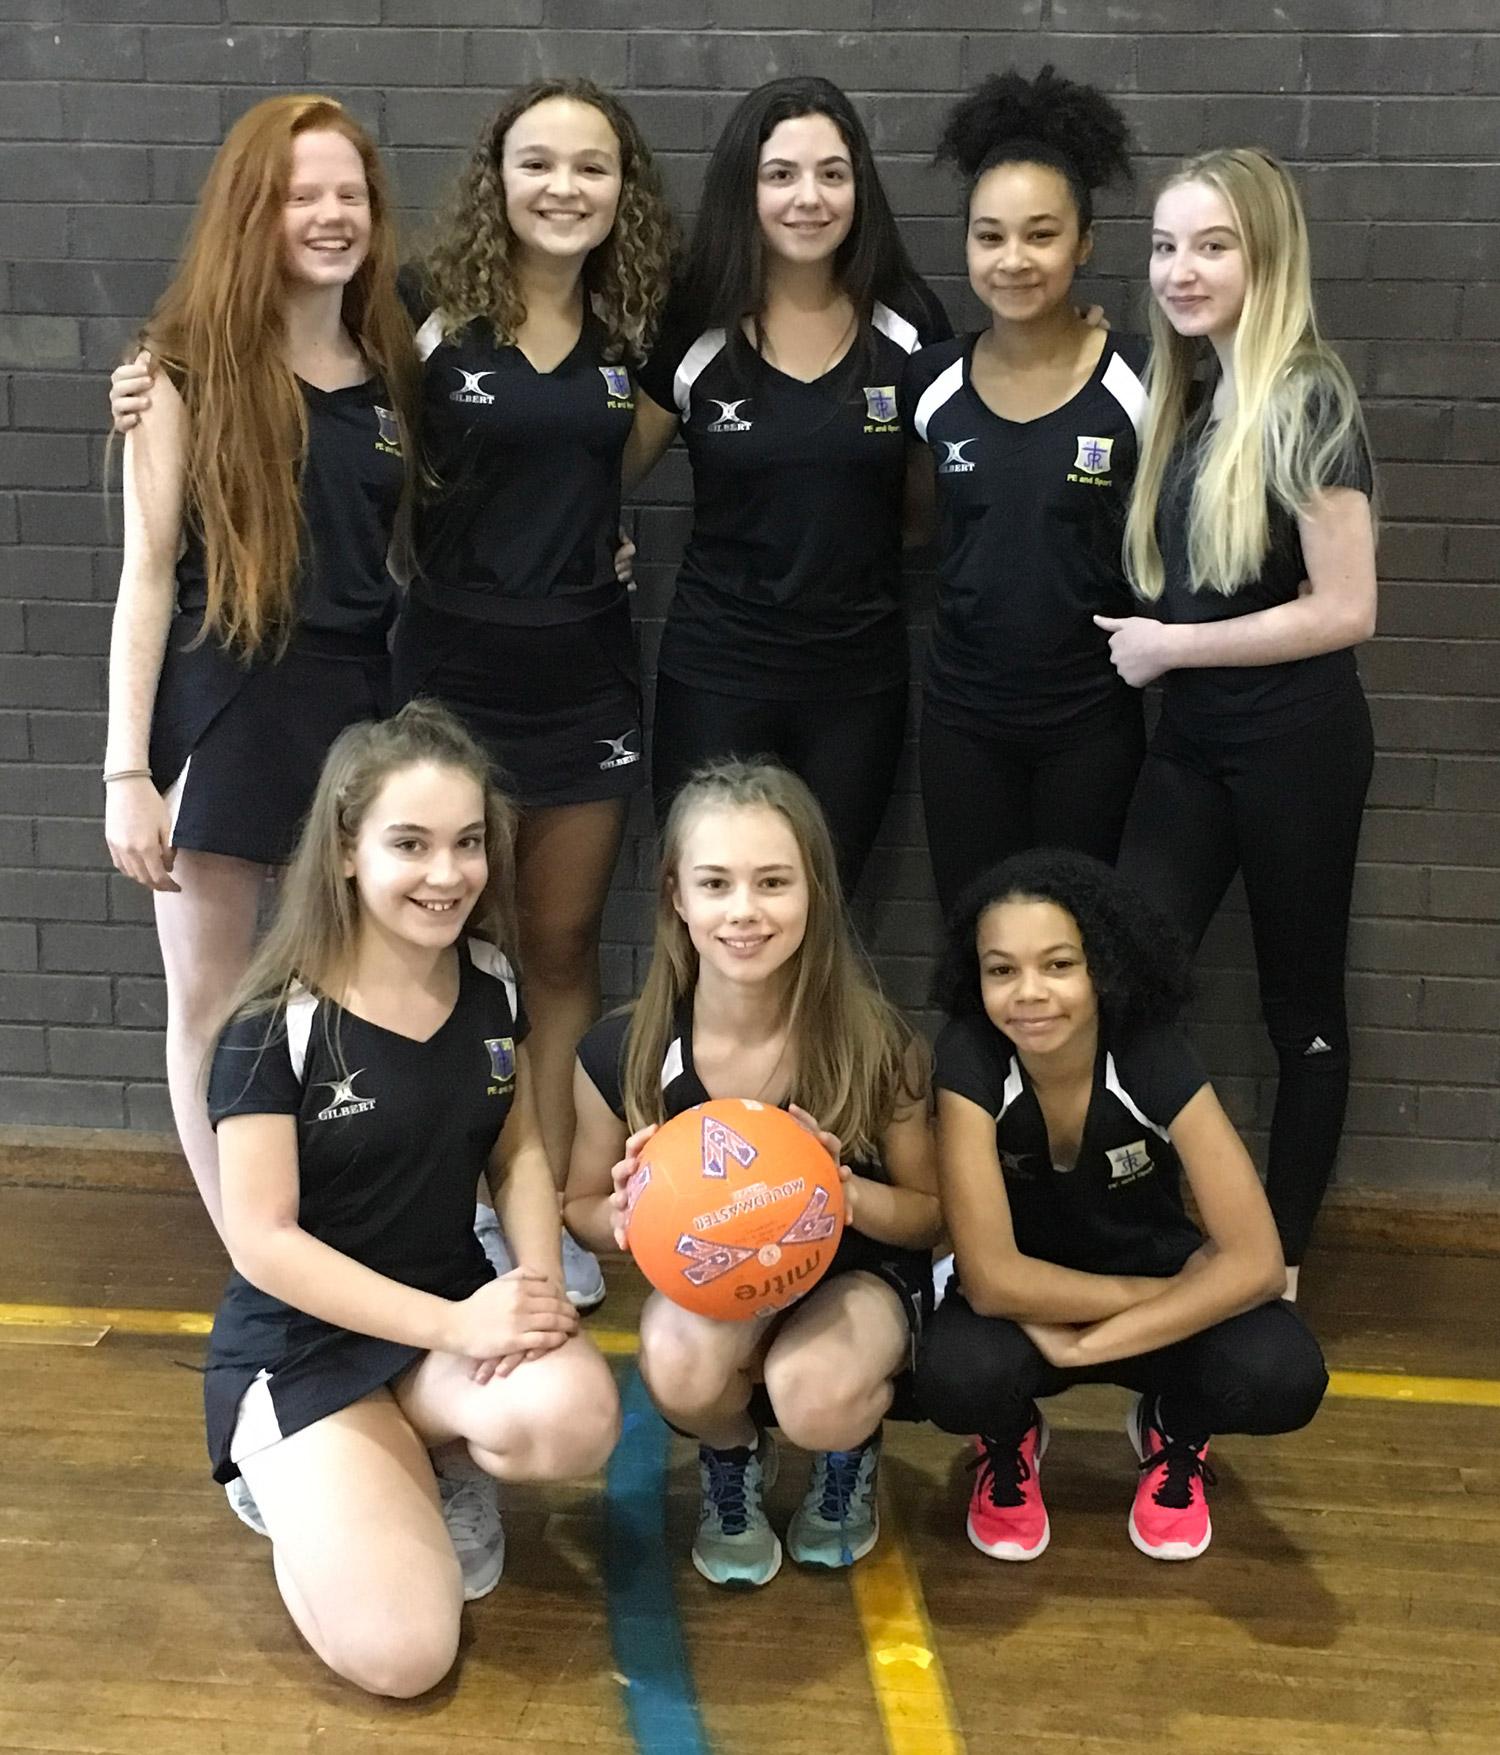 Photo:Back Row:Eva Curran, Rachel McCormack, Tilly Heath, Eve Midgley, Millie Helliwell  Front Row:Carys Delahay, Esme Astbury, Amelia Kiwomya